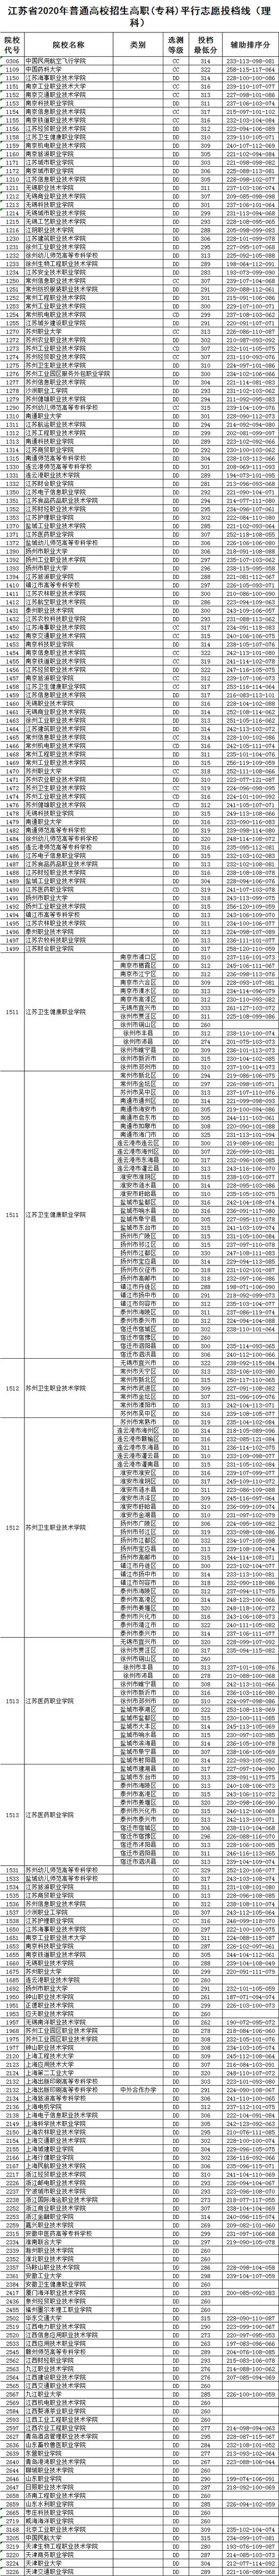 《【无极2在线登陆注册】江苏2020普高招生高职(专科)平行志愿投档线》